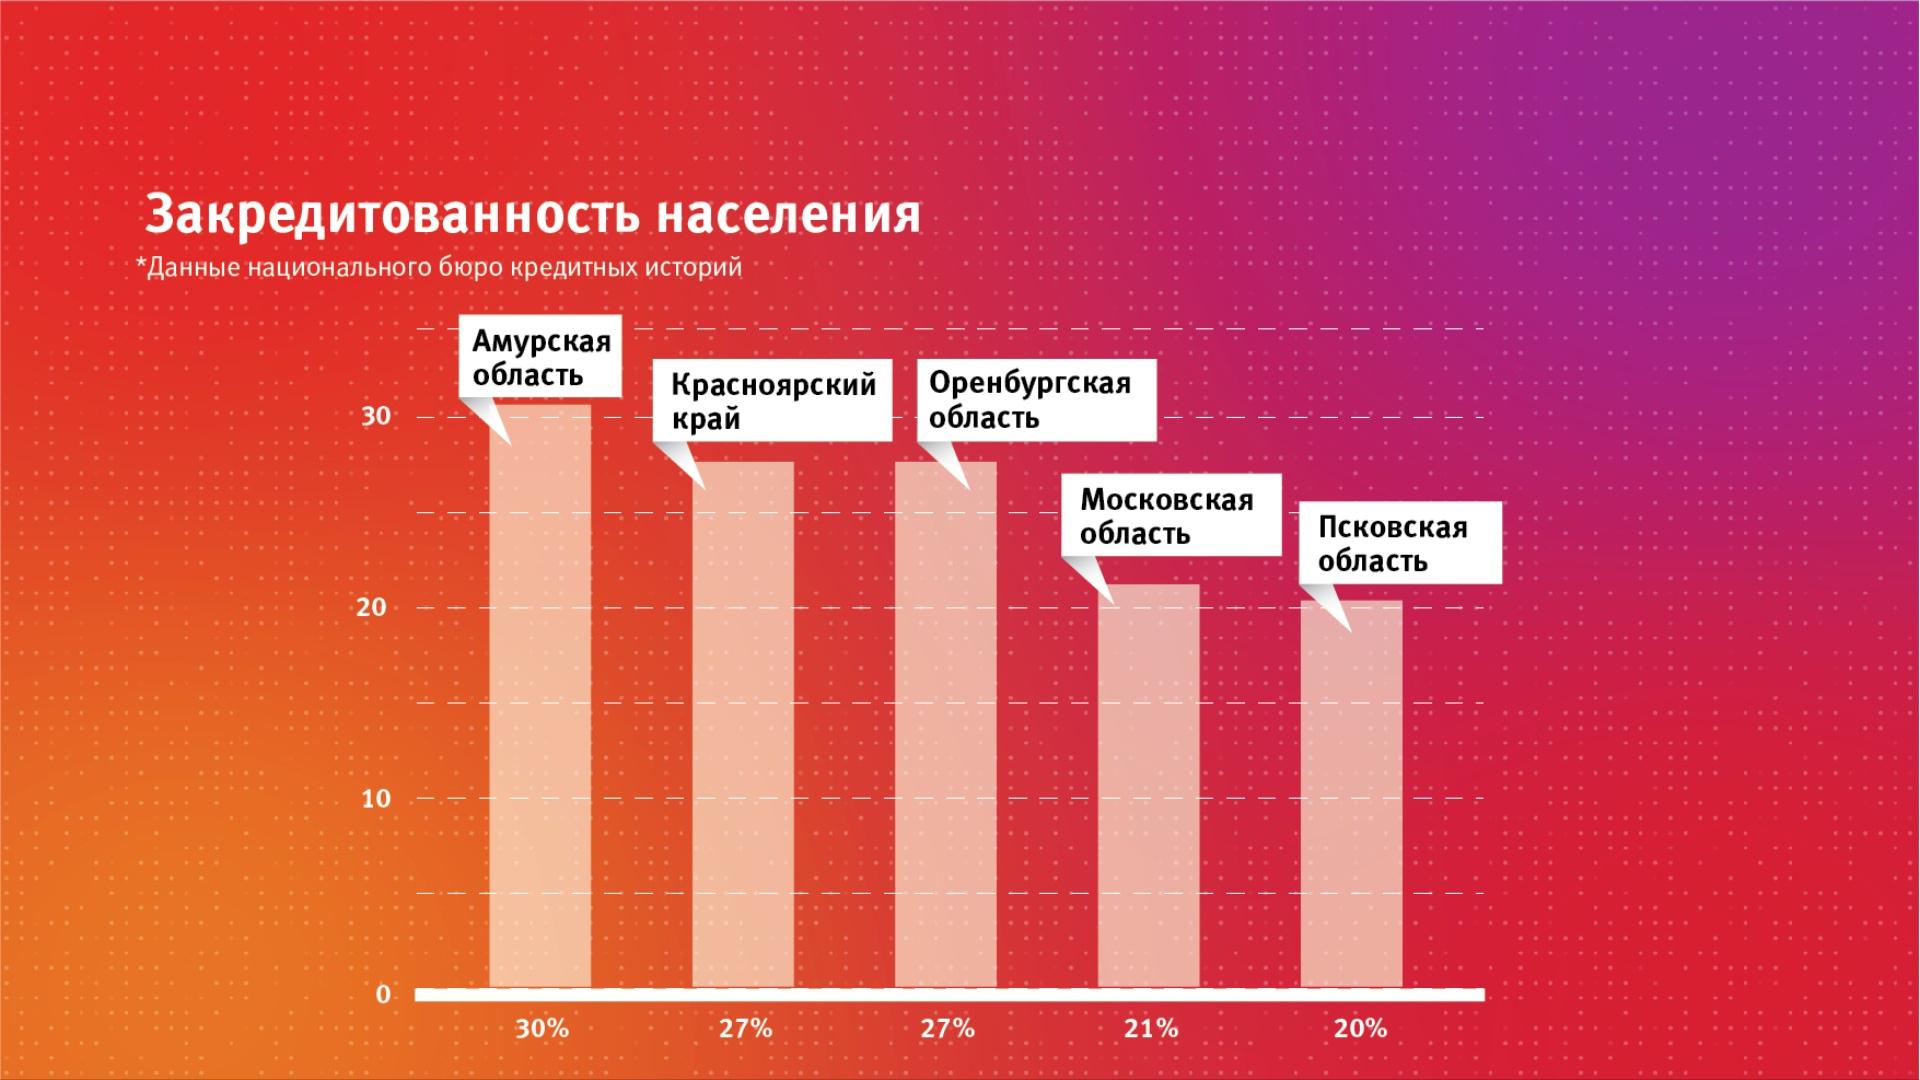 самые низкие ставки на кредит в красноярске dengihelp займ личный кабинет